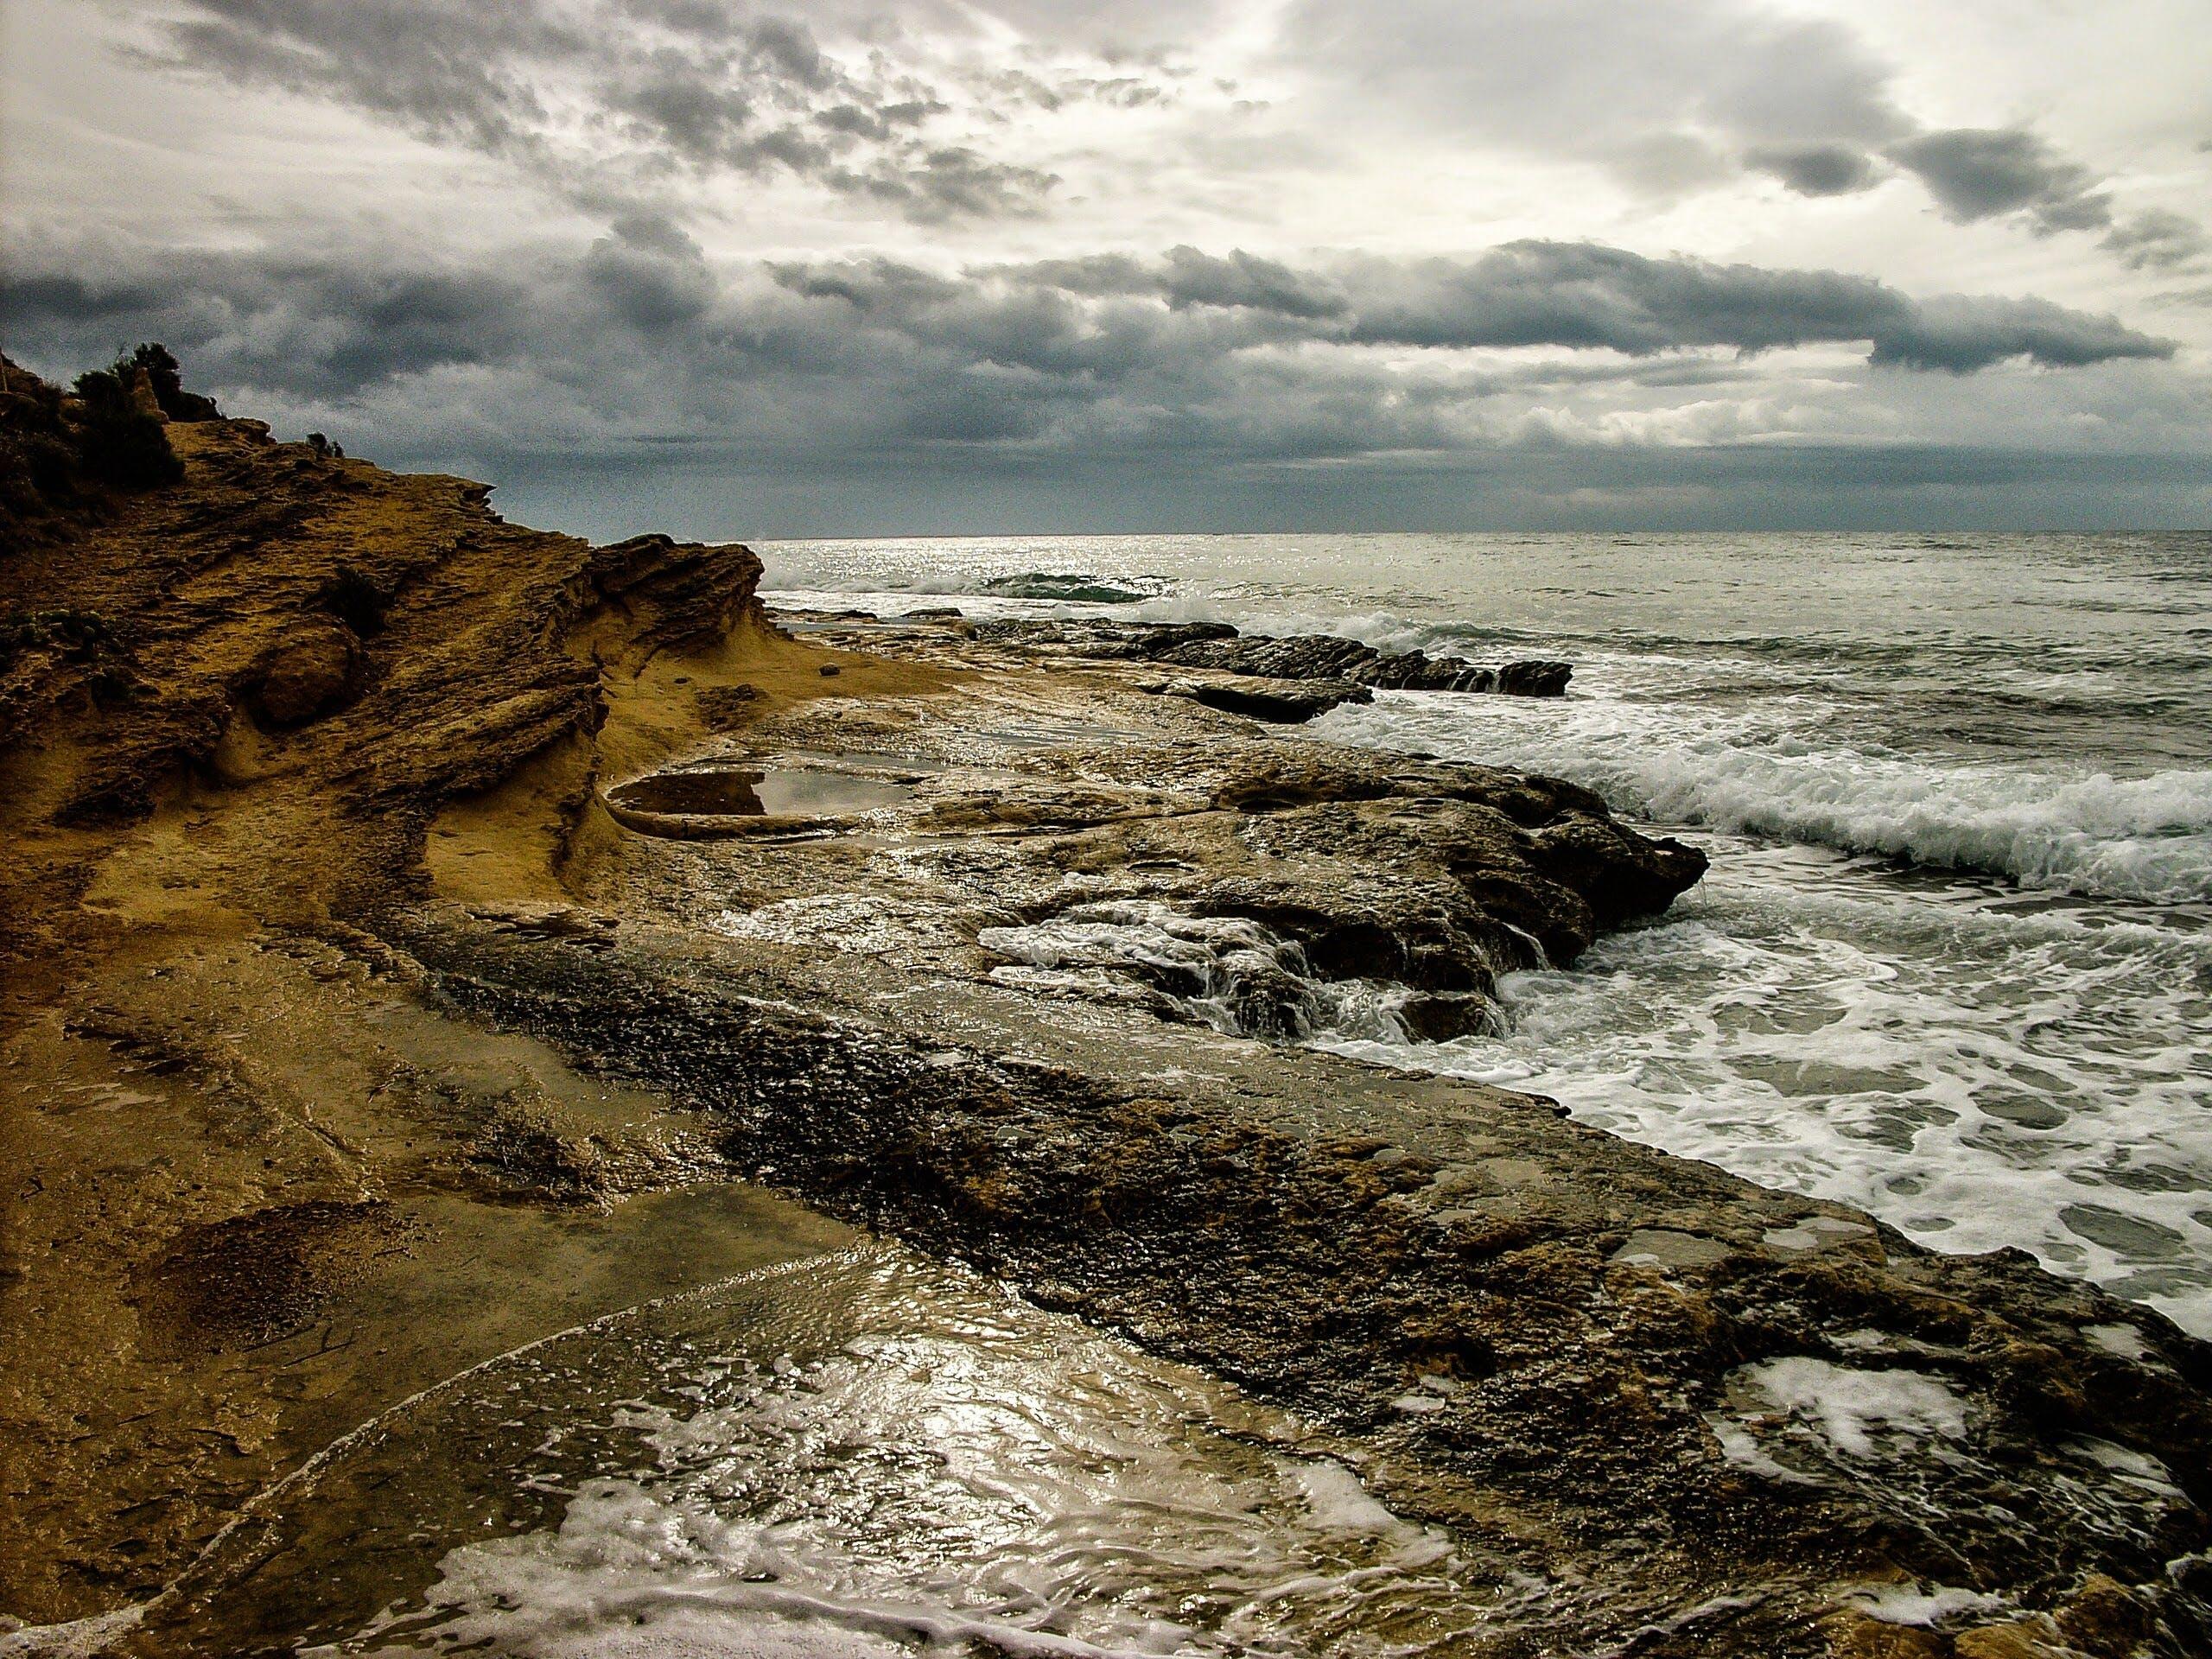 Ocean Waves Crushing on Land